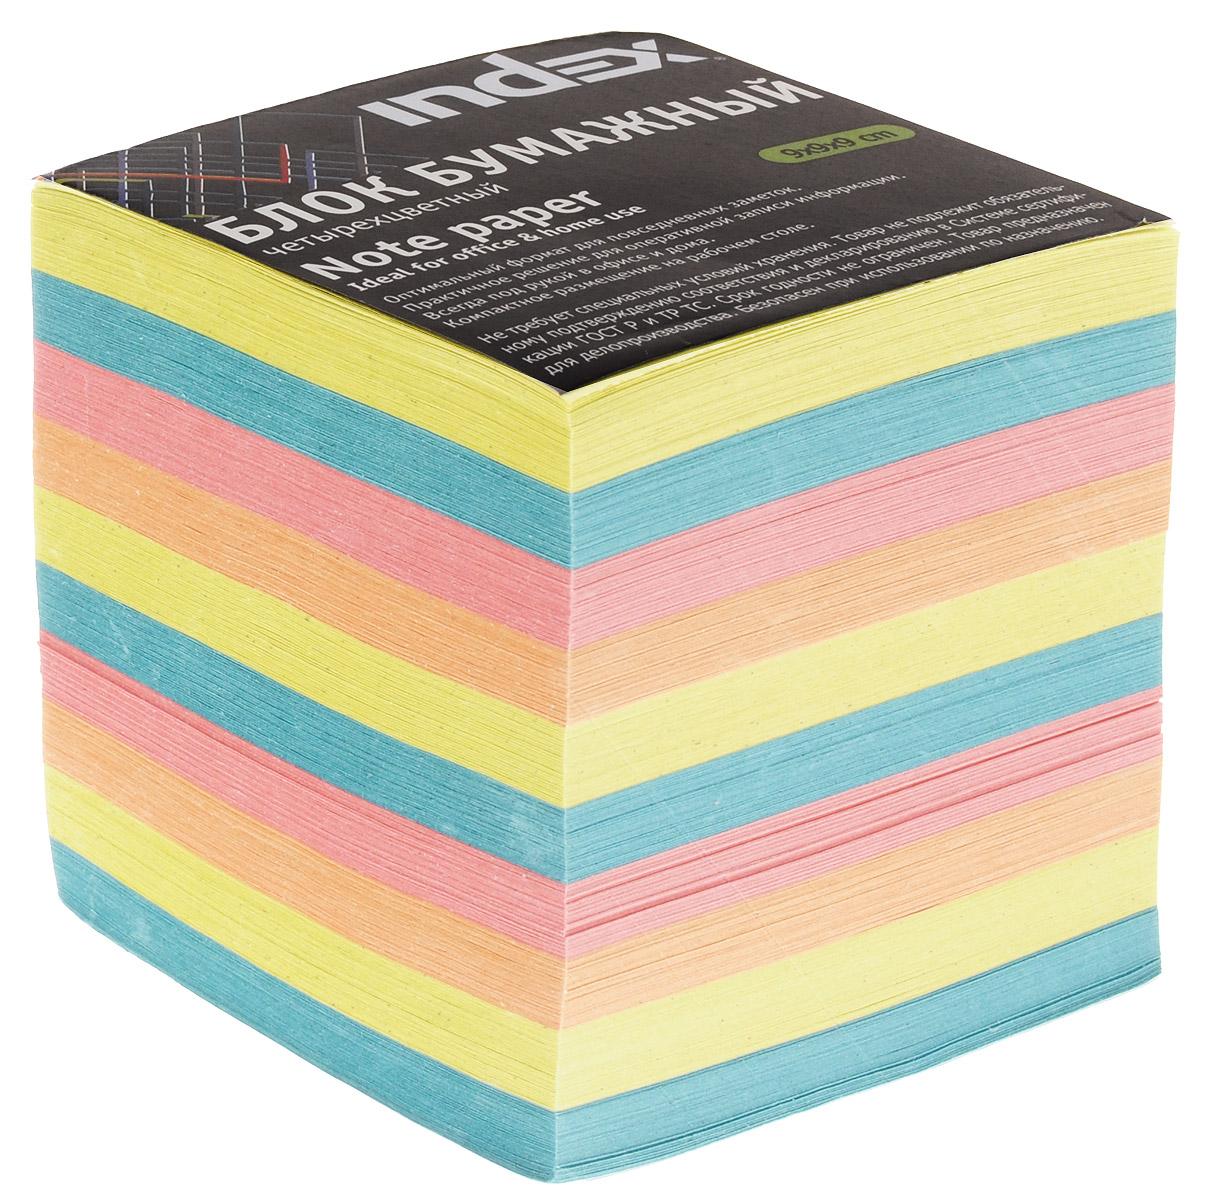 Index Блок для записей многоцветный цвет желтый бирюзовый розовый0703415Бумага для записей Index - практичное решение для оперативной записи информации в офисе или дома. Блок состоит из листов разноцветной бумаги, что помогает лучше ориентироваться во множестве повседневных заметок.Яркий блок-кубик на вашем рабочем столе поднимет настроение вам и вашим коллегам!